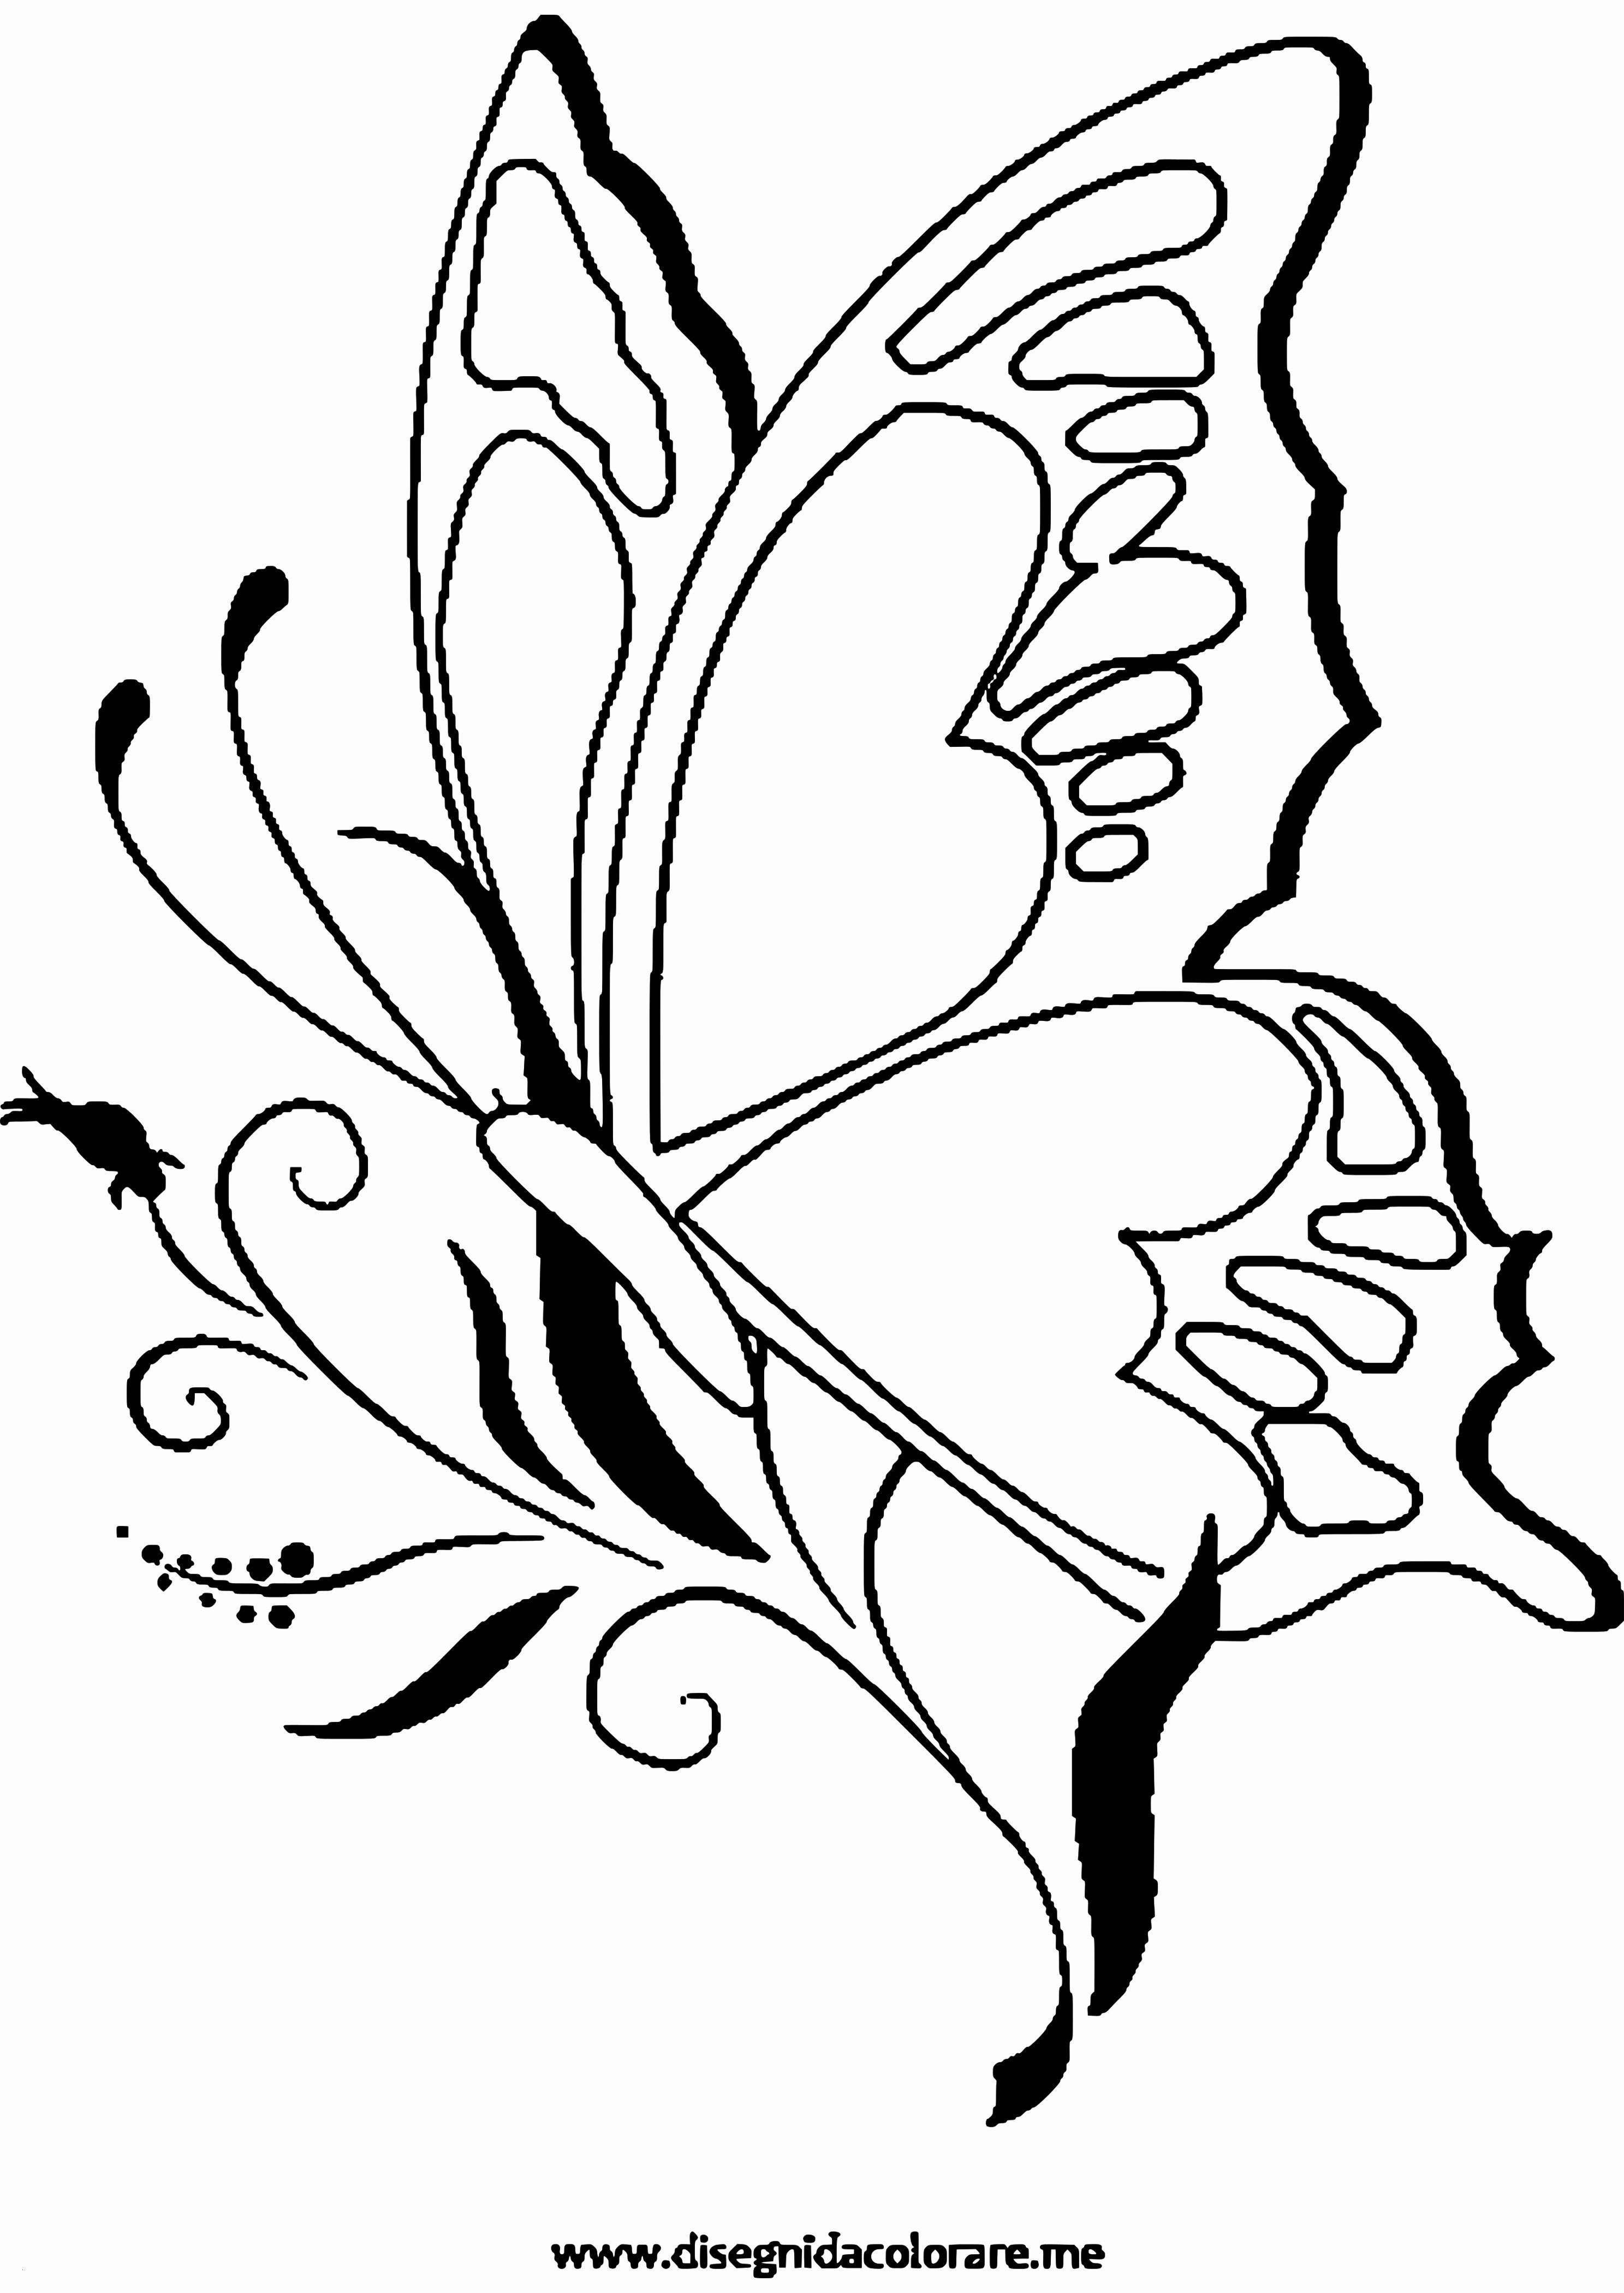 8 Einzigartig Ausmalbilder Schmetterling Kostenlos Ausdrucken